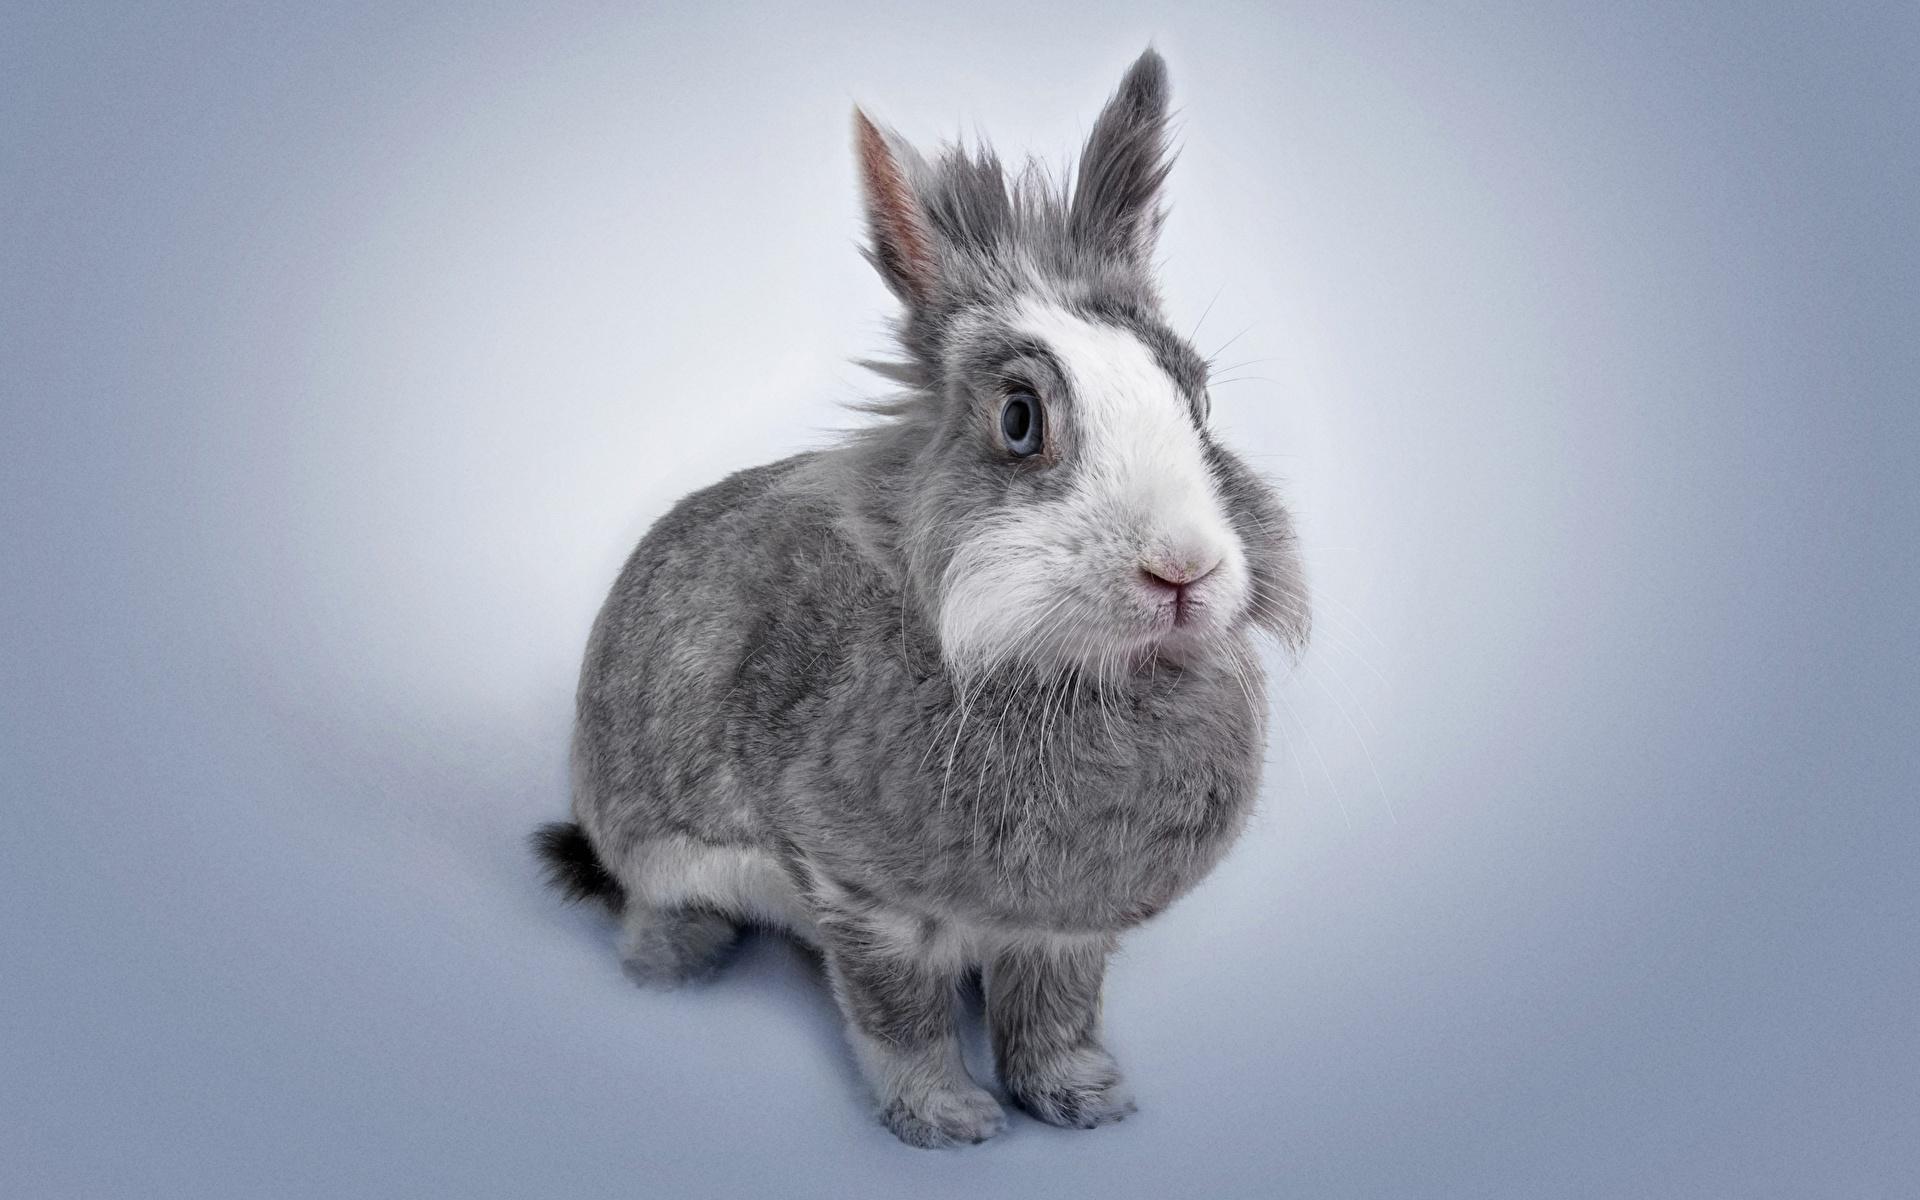 Bilder Kaninchen graue ein Tier 1920x1200 Grau graues Tiere